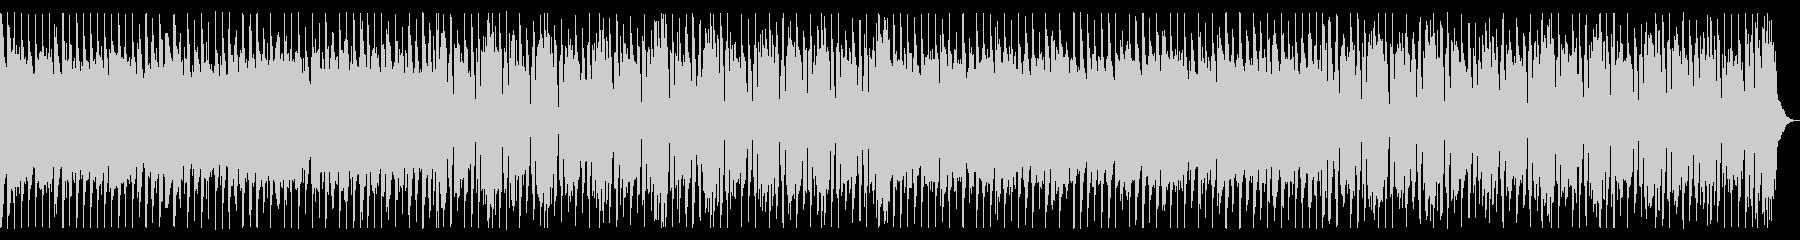 シンプルなギターロックの未再生の波形